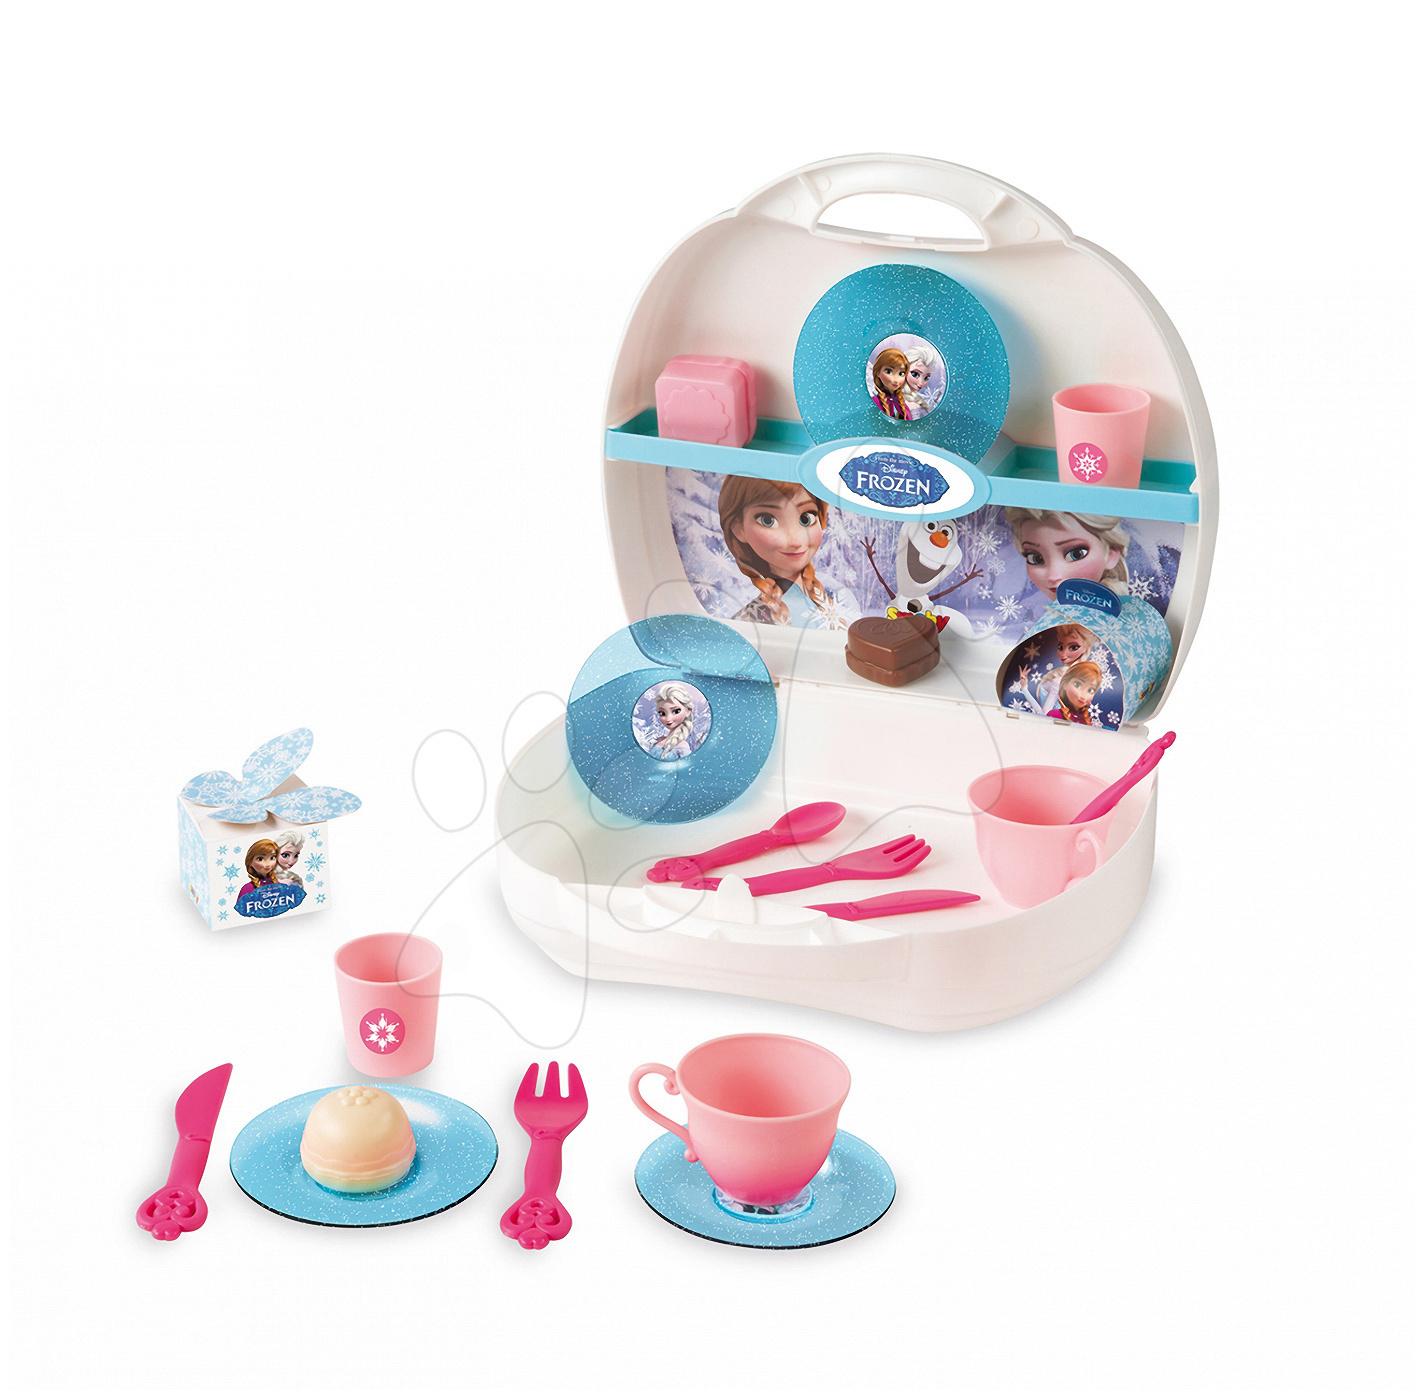 Riadíky a doplnky kuchynky - Cukráreň Frozen Smoby v kufríku s trblietkami s 19 doplnkami